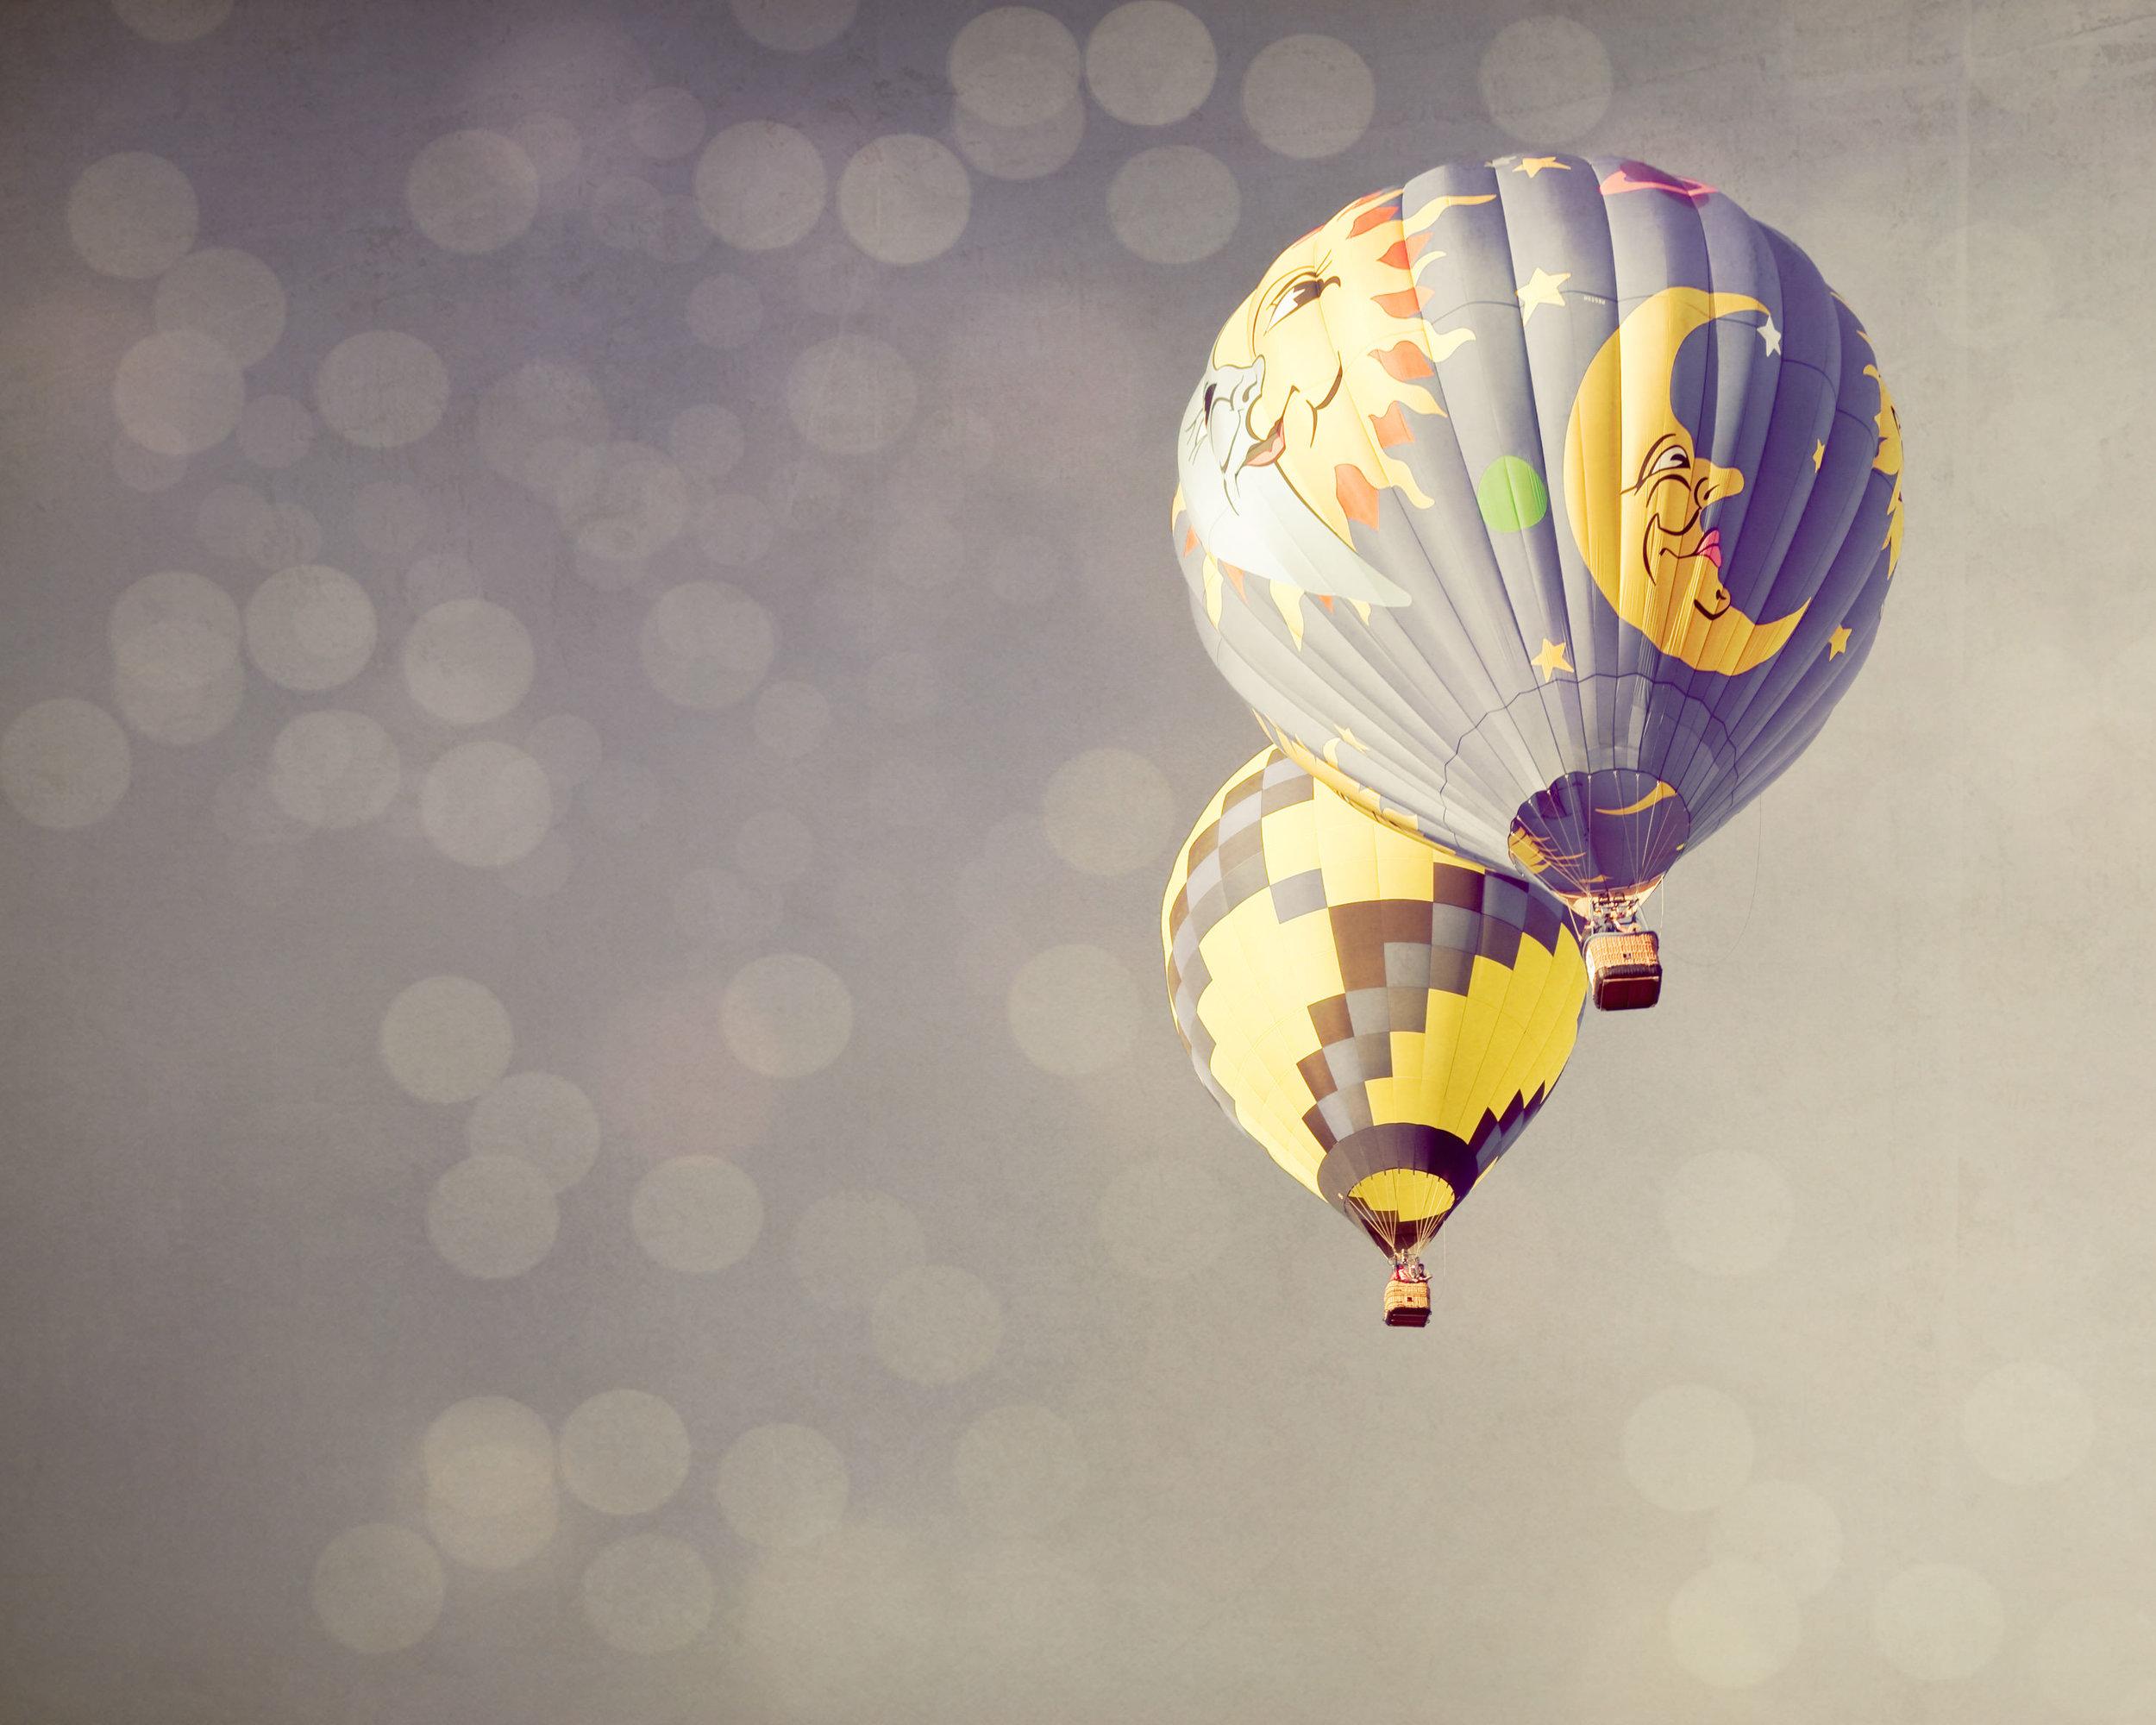 moon_balloon-3184.jpg